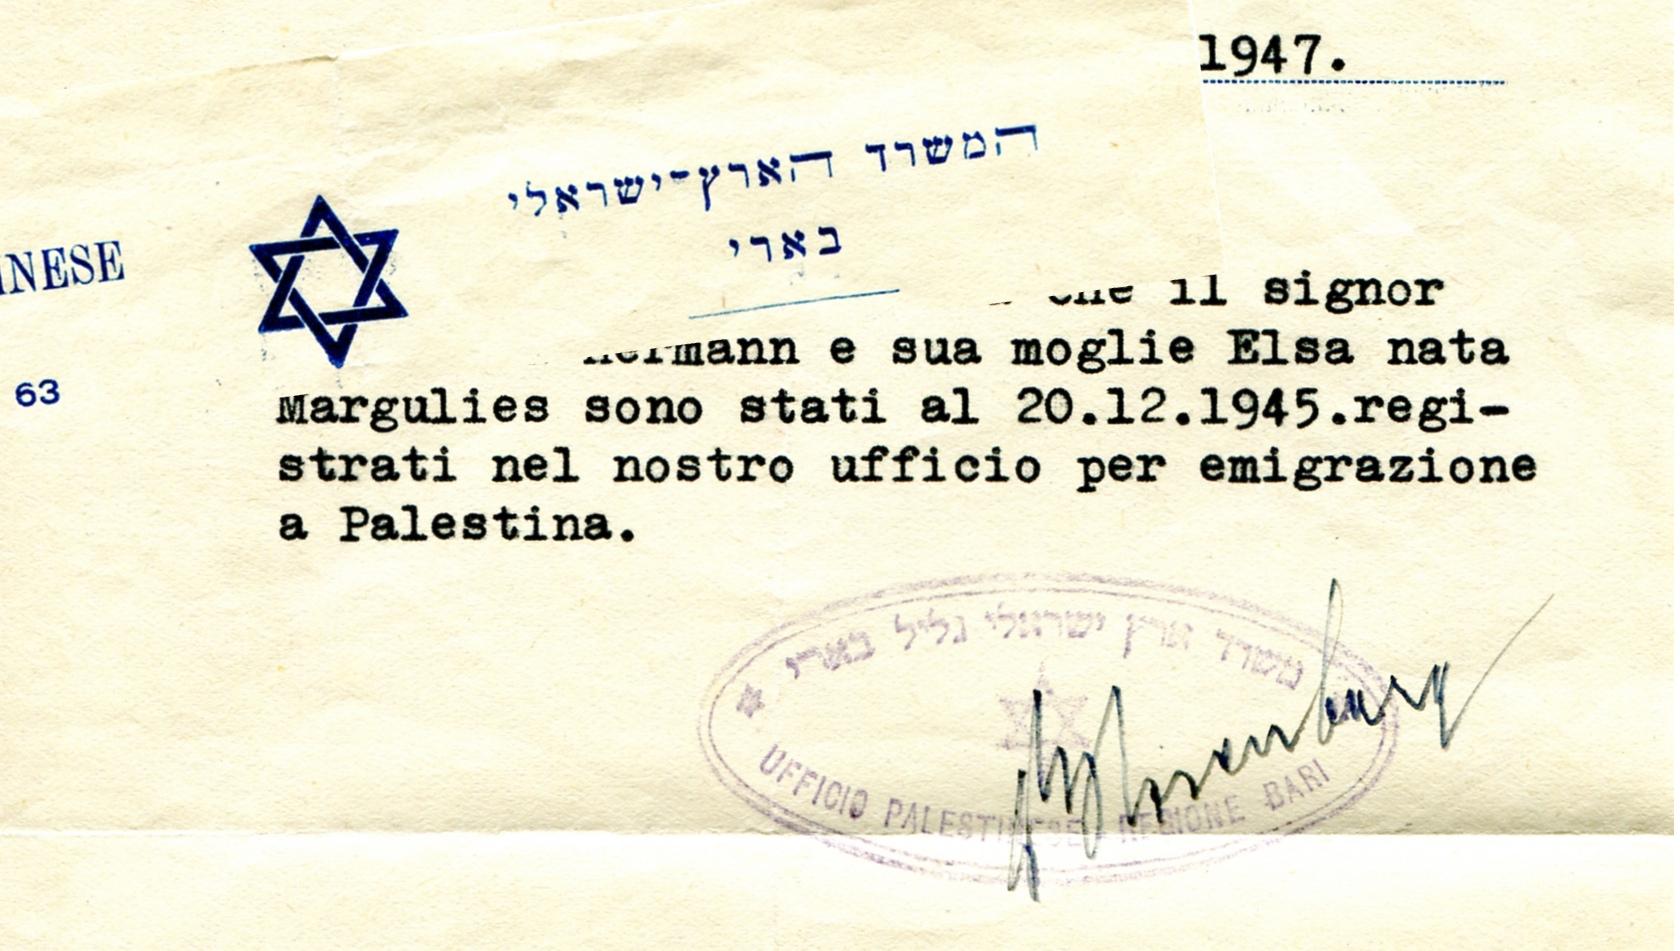 Bari - Zionist Organizzation Office